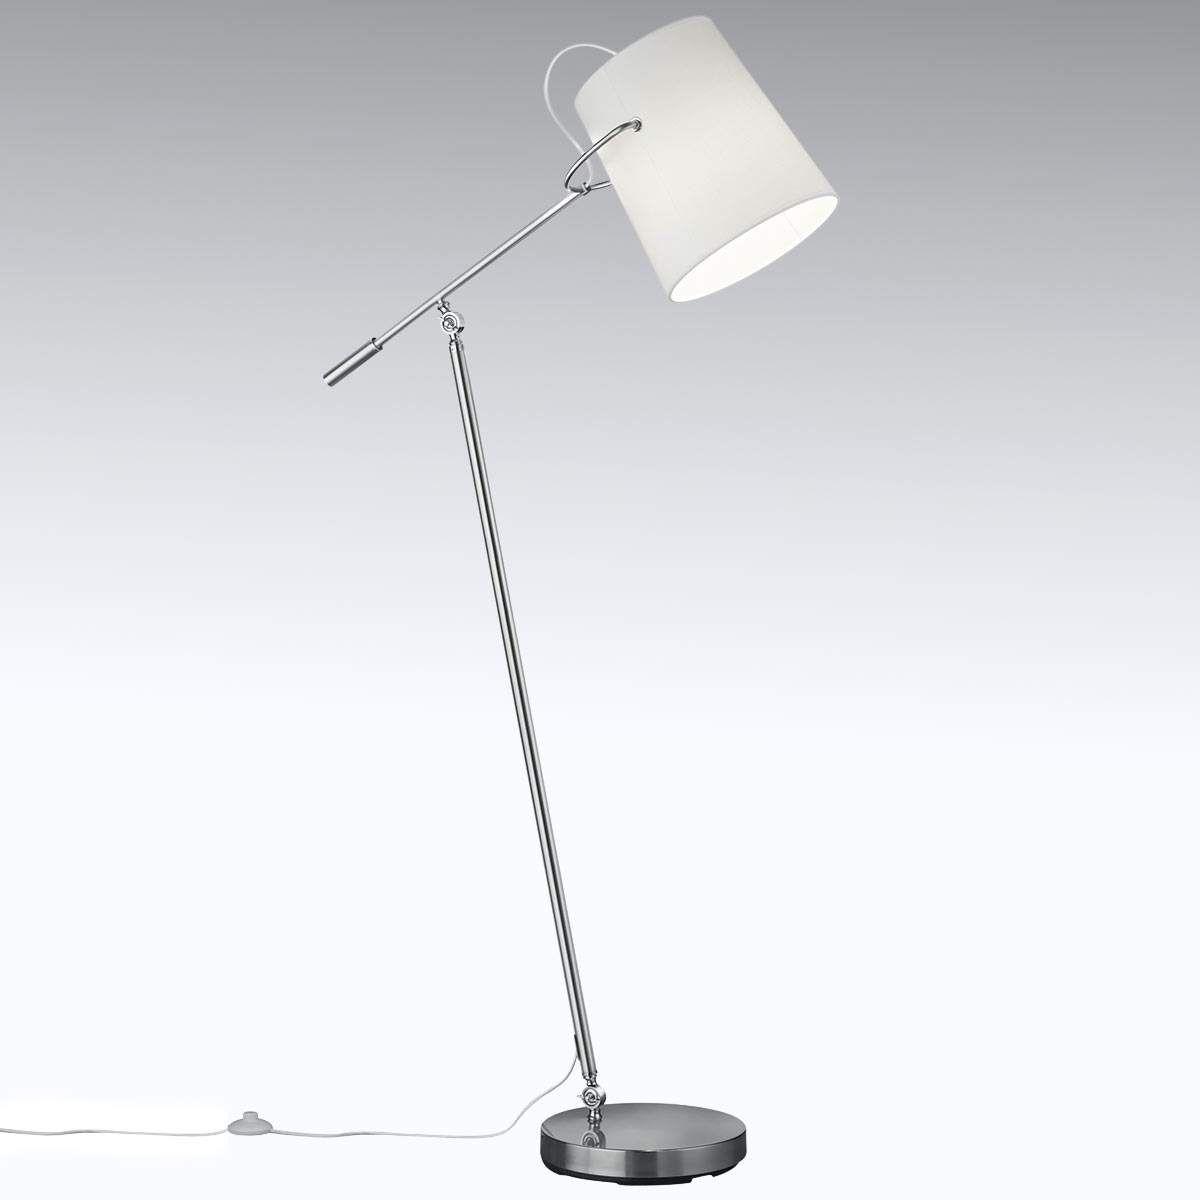 Stehlampe Mit Mehreren Schirmen Stehlampe Modern Led Rattan